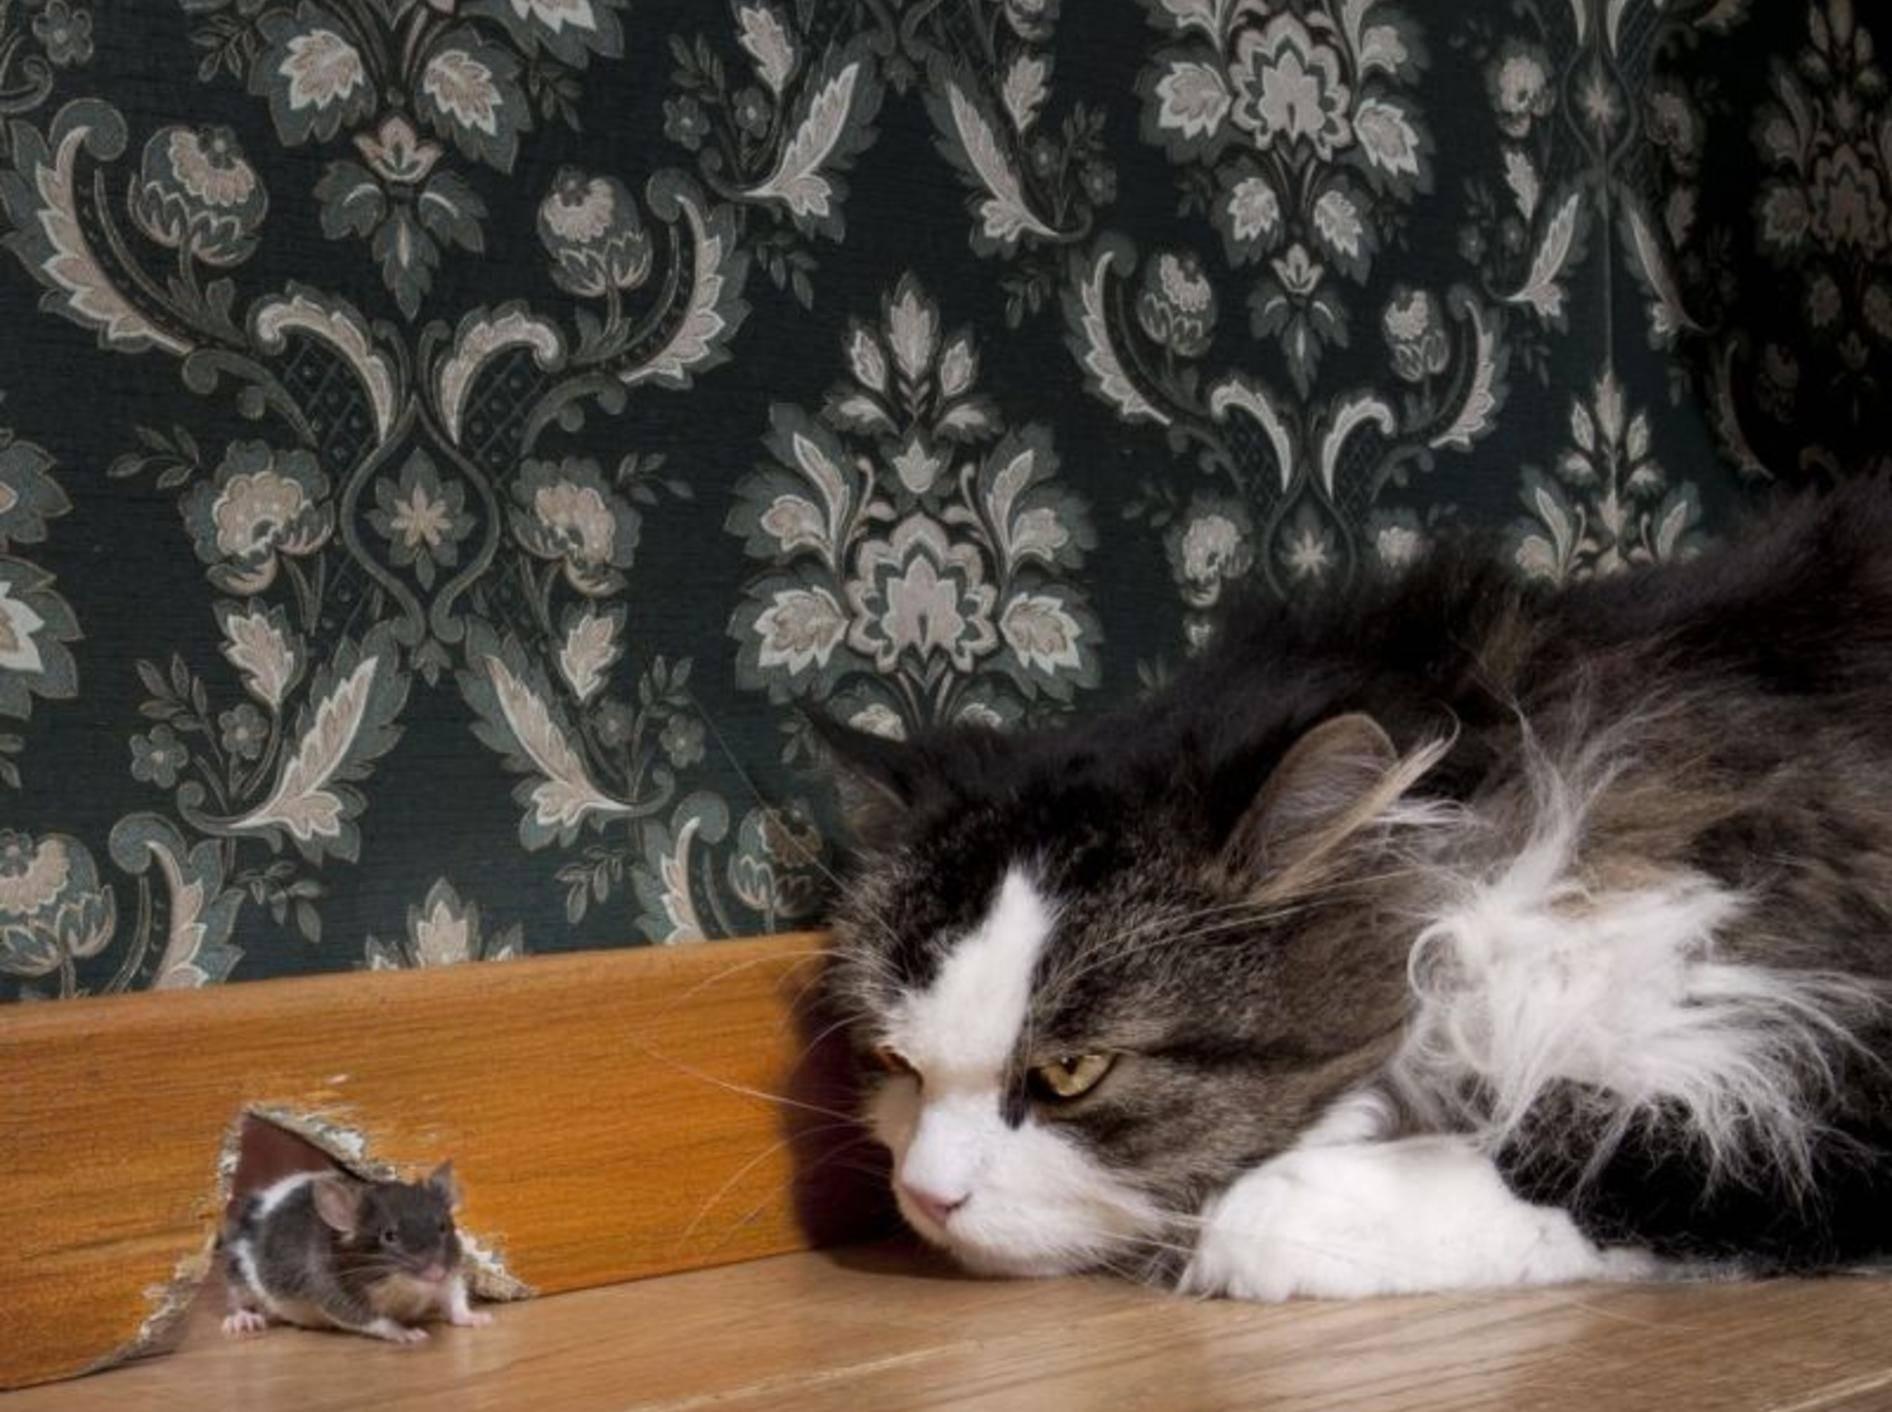 Katze-Maus-Tapete-Wohnung